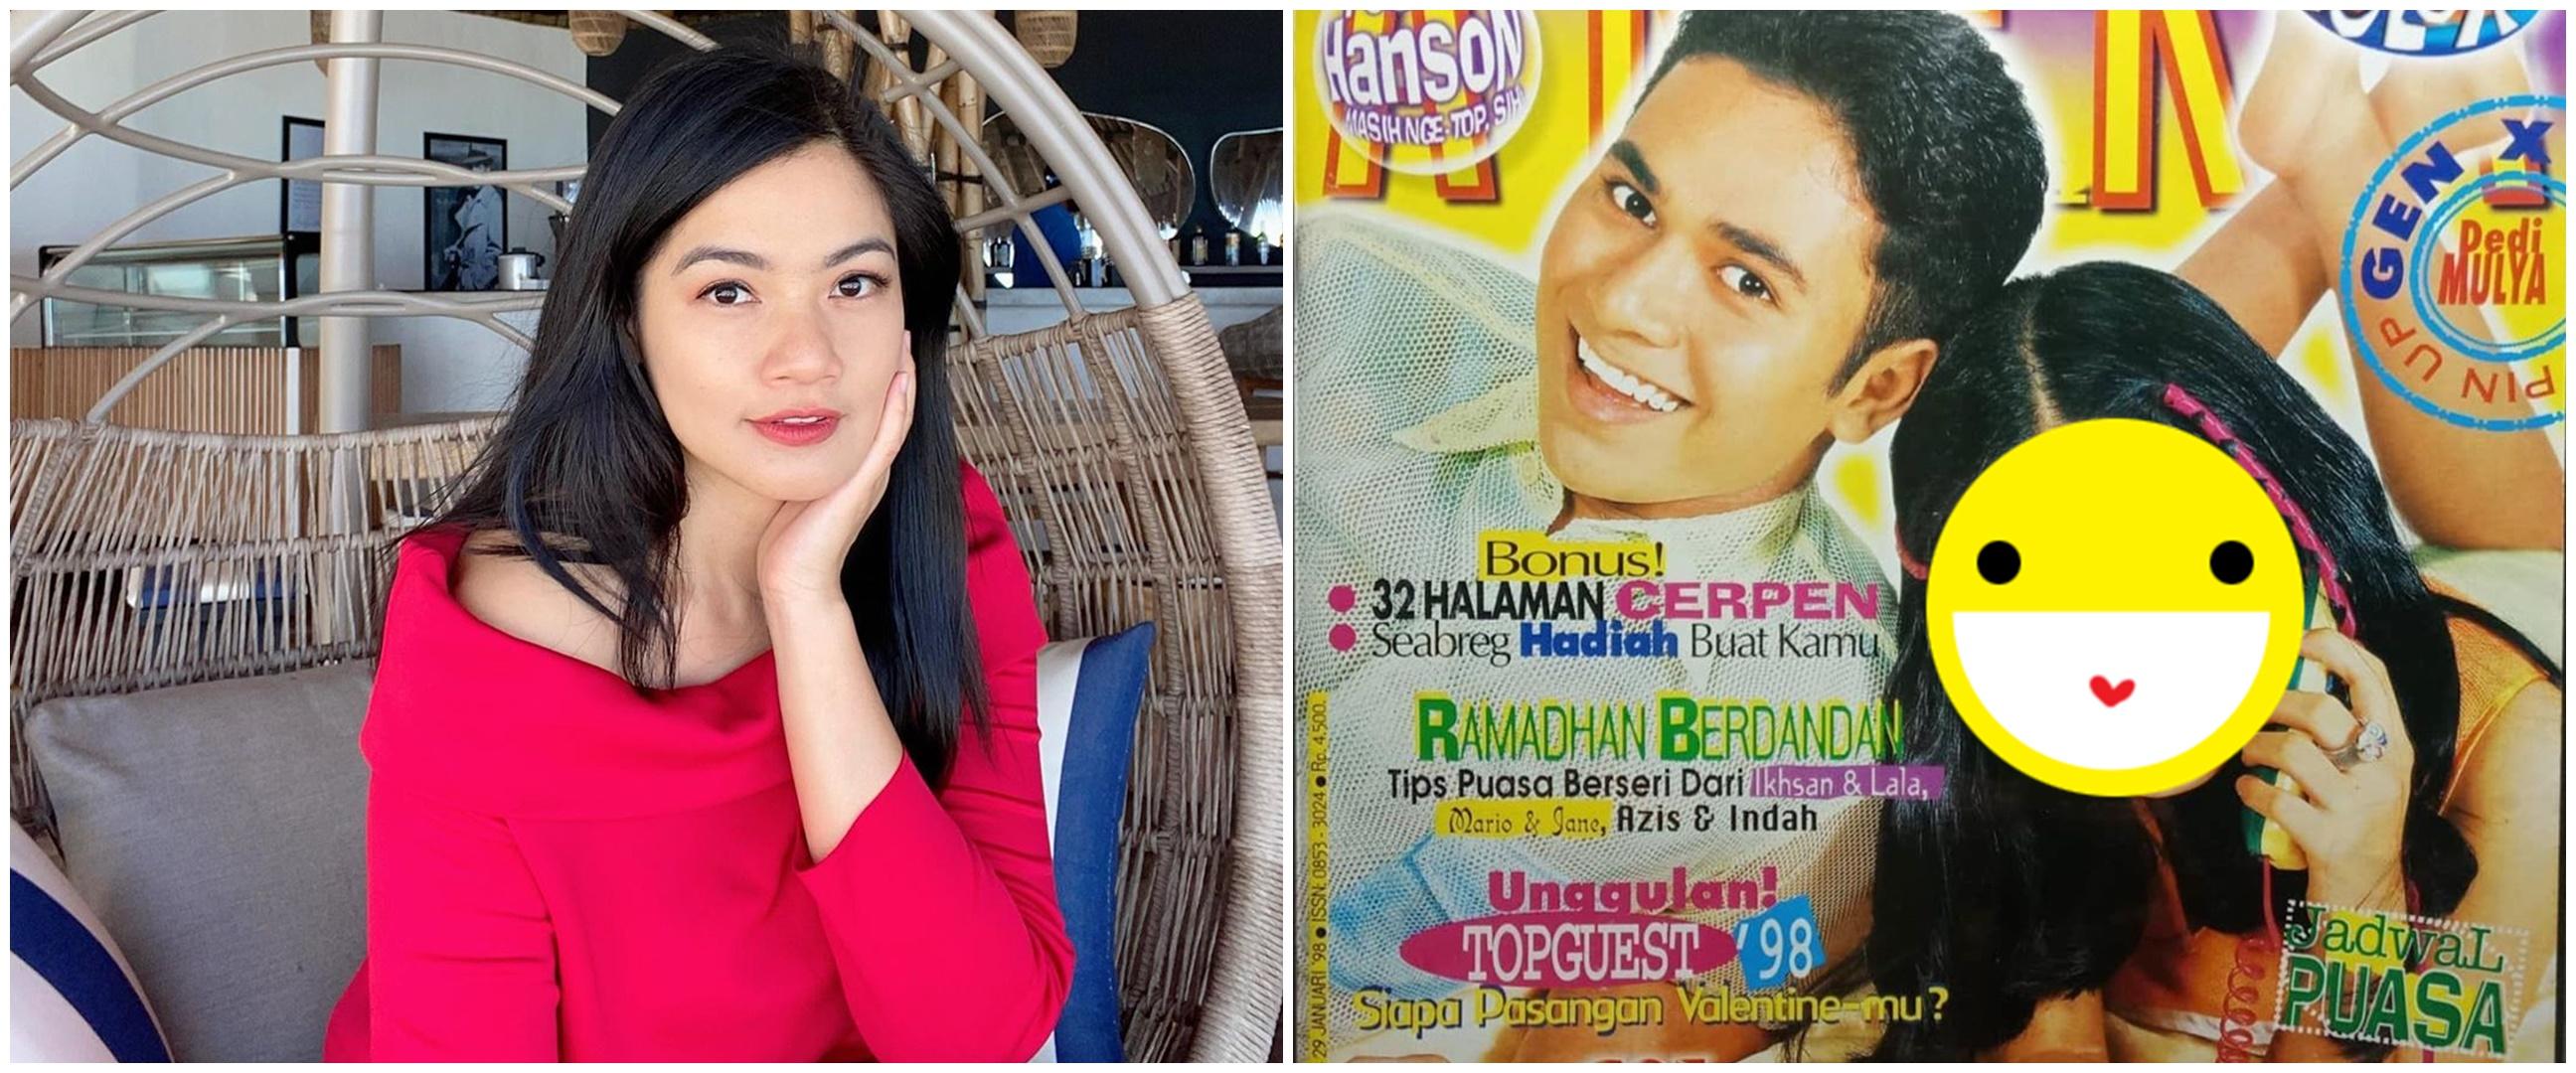 Unggah potret jadul 22 tahun lalu, wajah Titi Kamal jadi sorotan